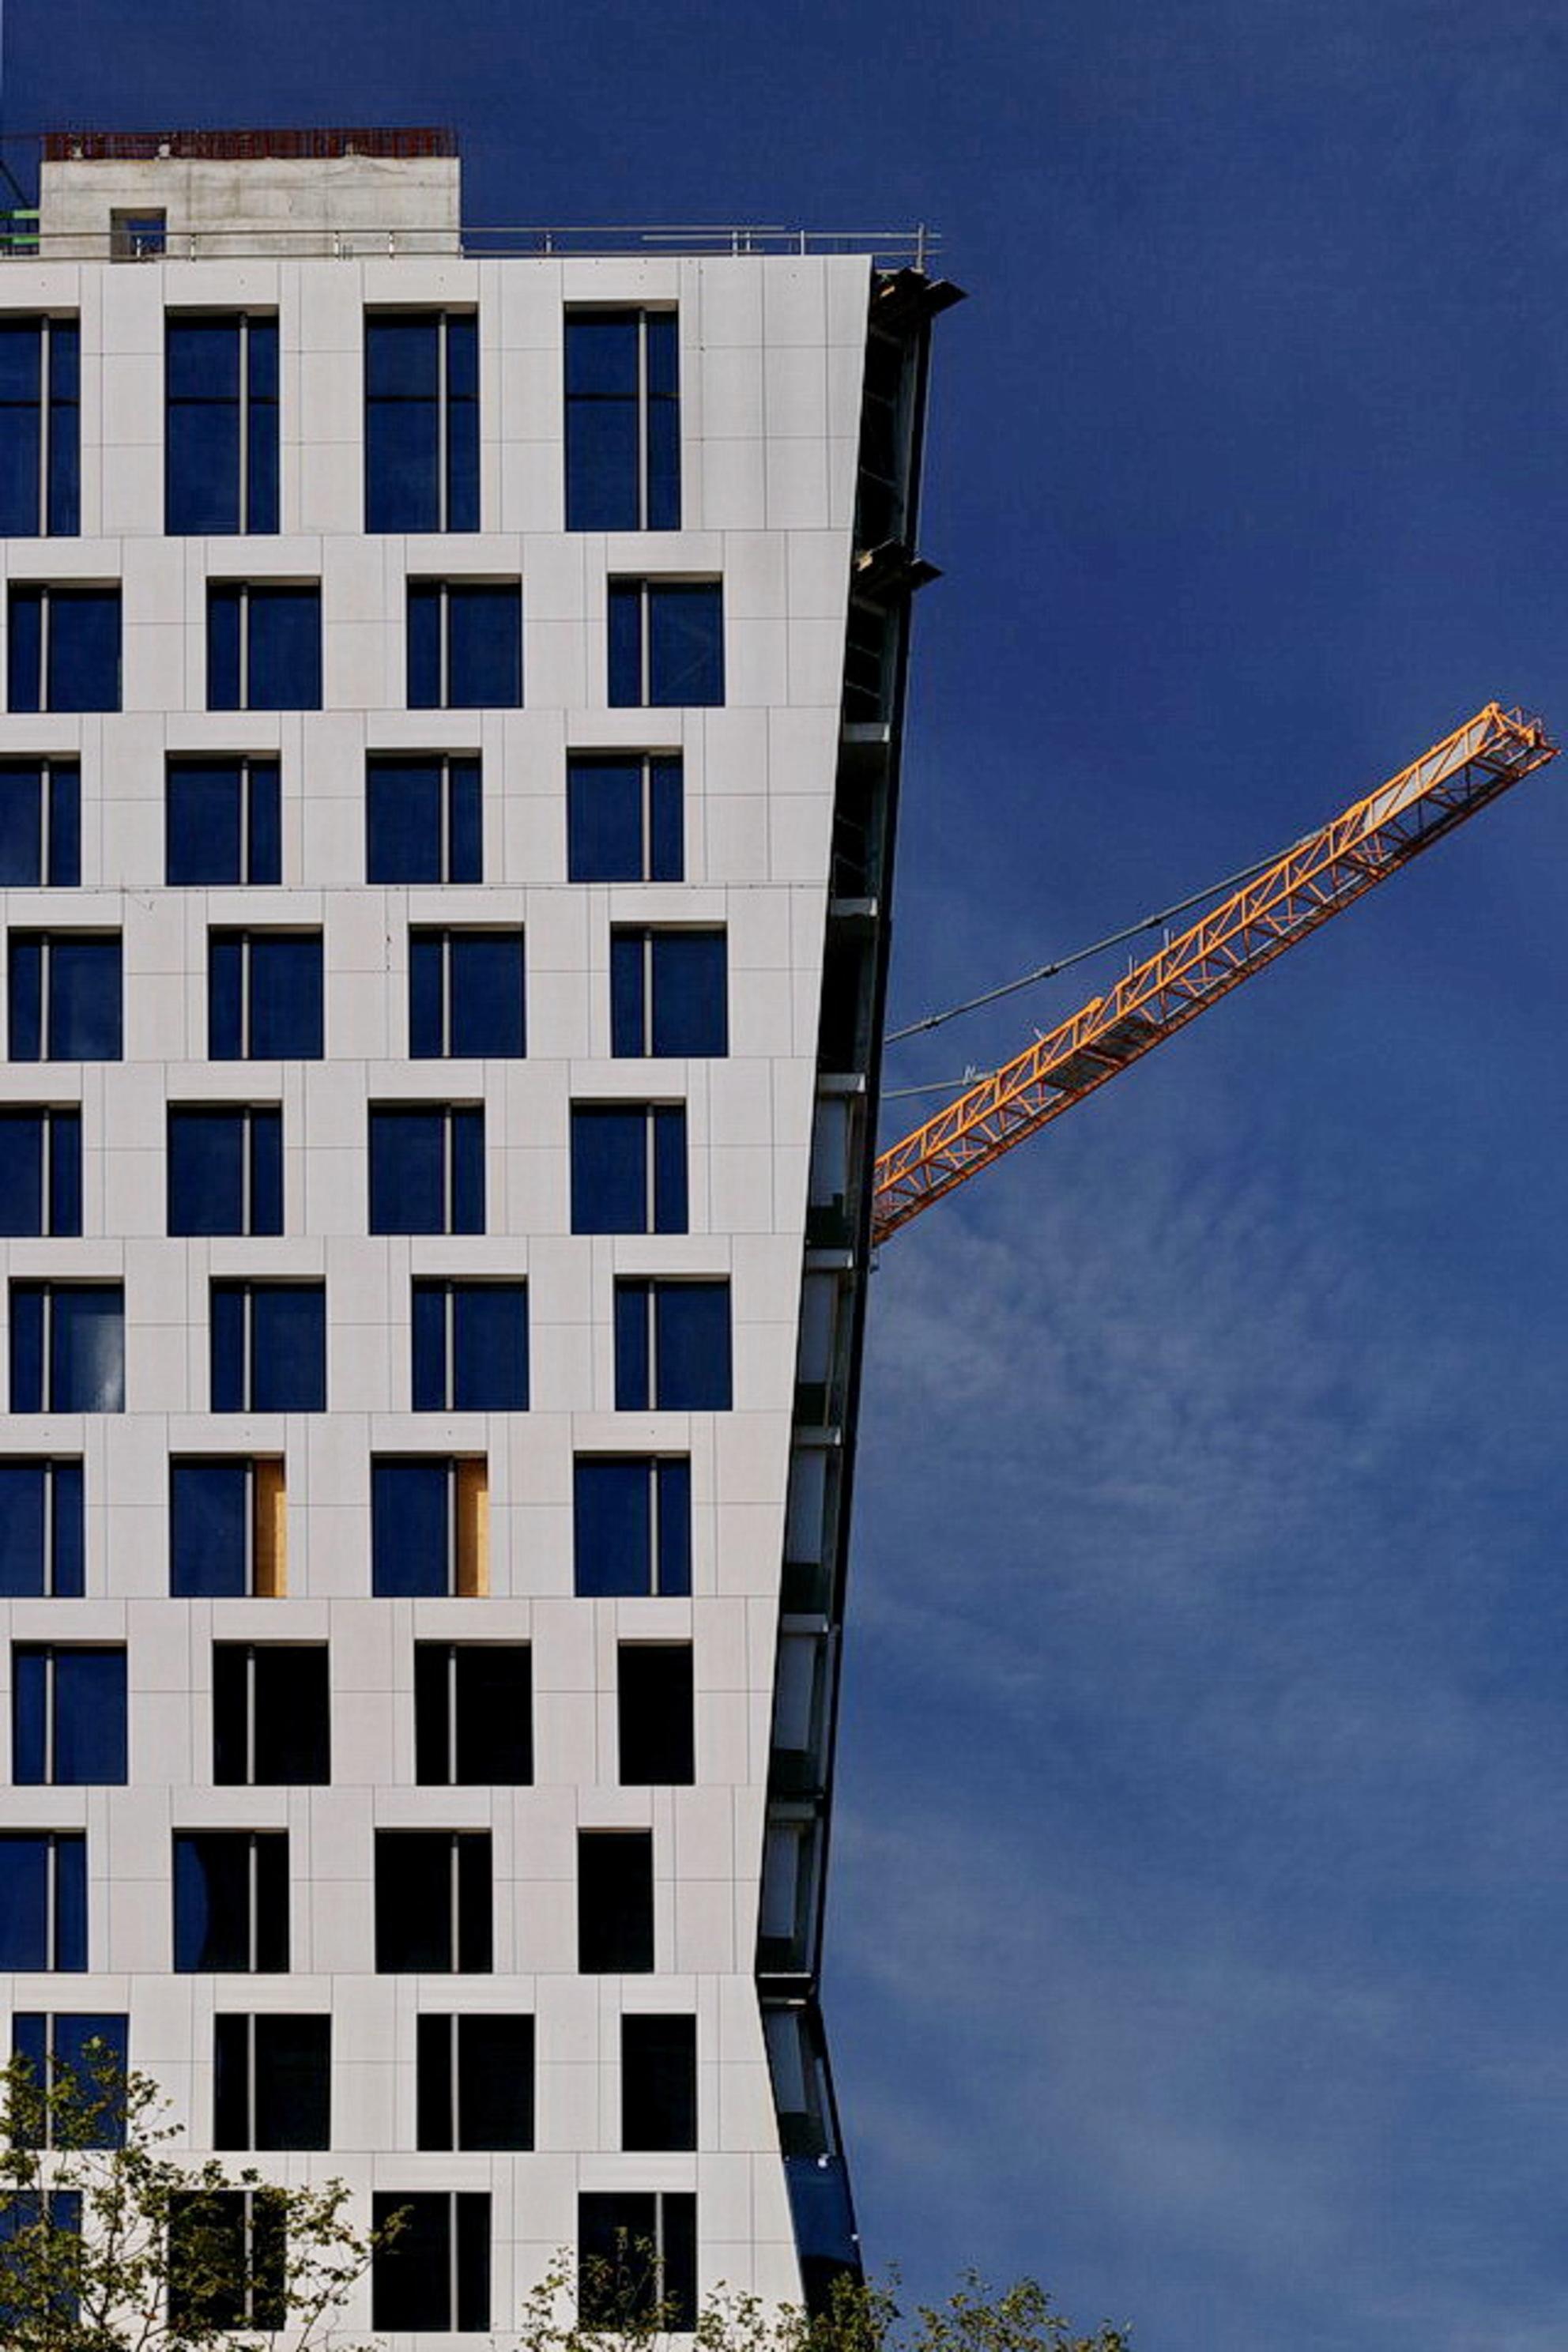 Zuidas Amsterdam. - ****.  22 september 2019. Groetjes Bob. - foto door oudmaijer op 21-10-2019 - deze foto bevat: amsterdam, licht, lijnen, architectuur, landschap, gebouw, stad, zuidas